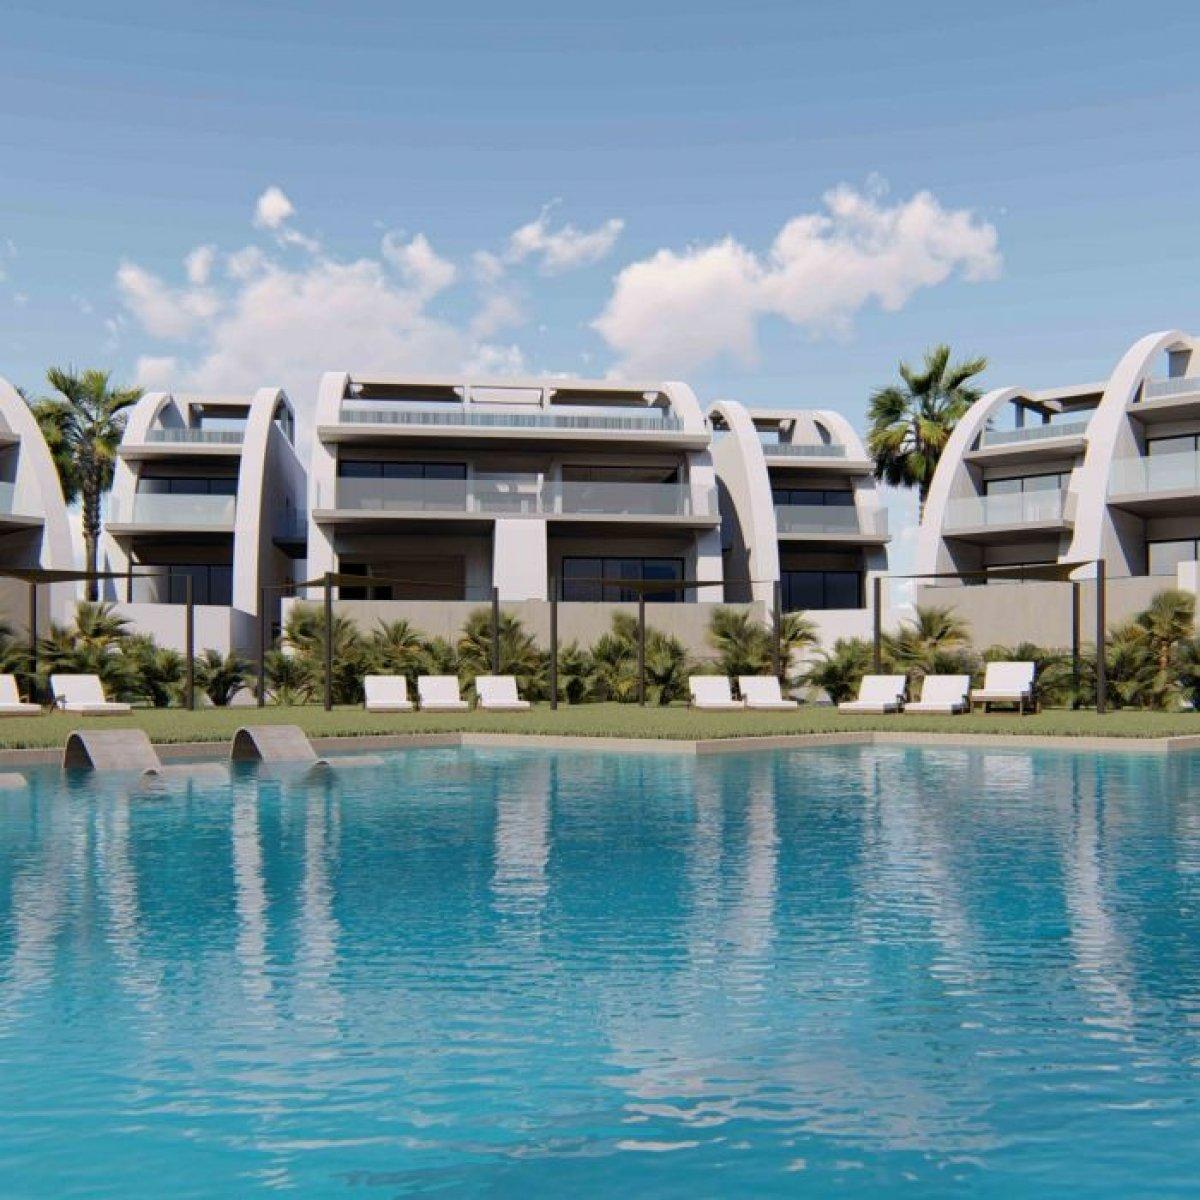 Lujosos apartamentos con piscina y solárium en Rojales. - Keysol Property S.L.